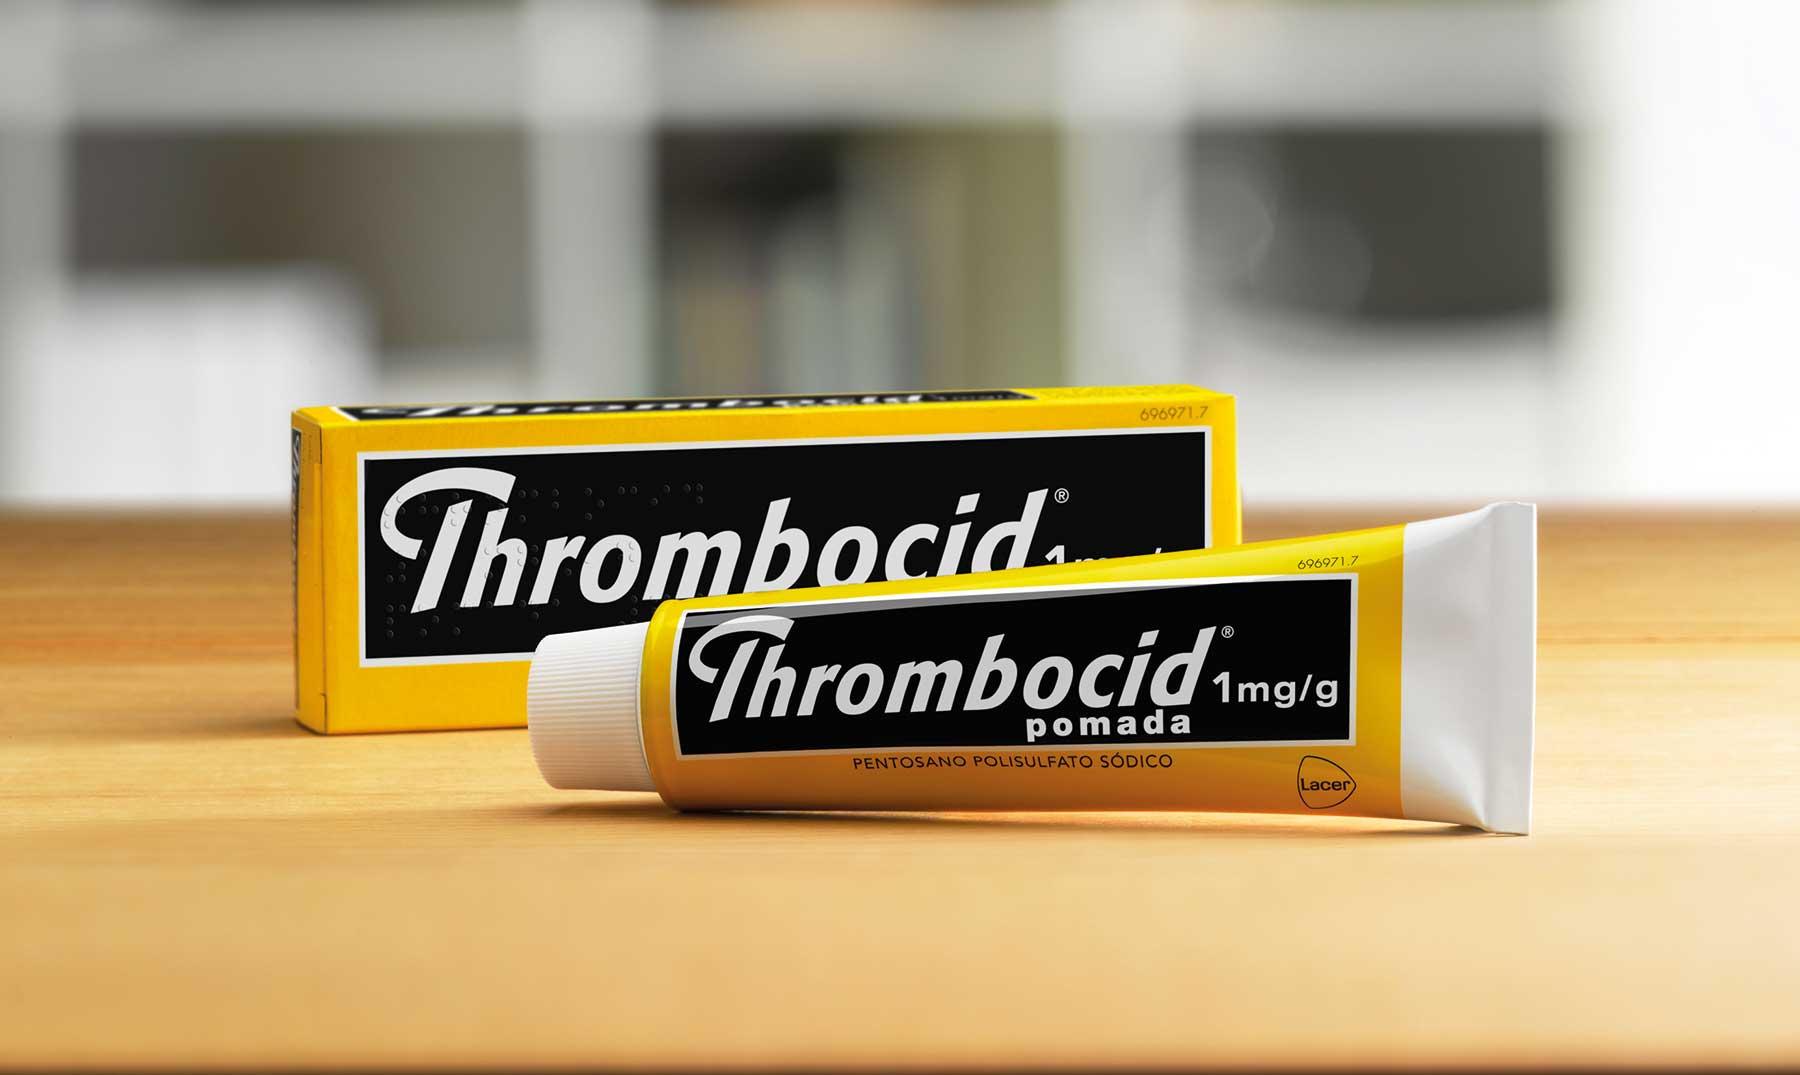 El uso de Thrombocid para embarazadas, niños y bebés